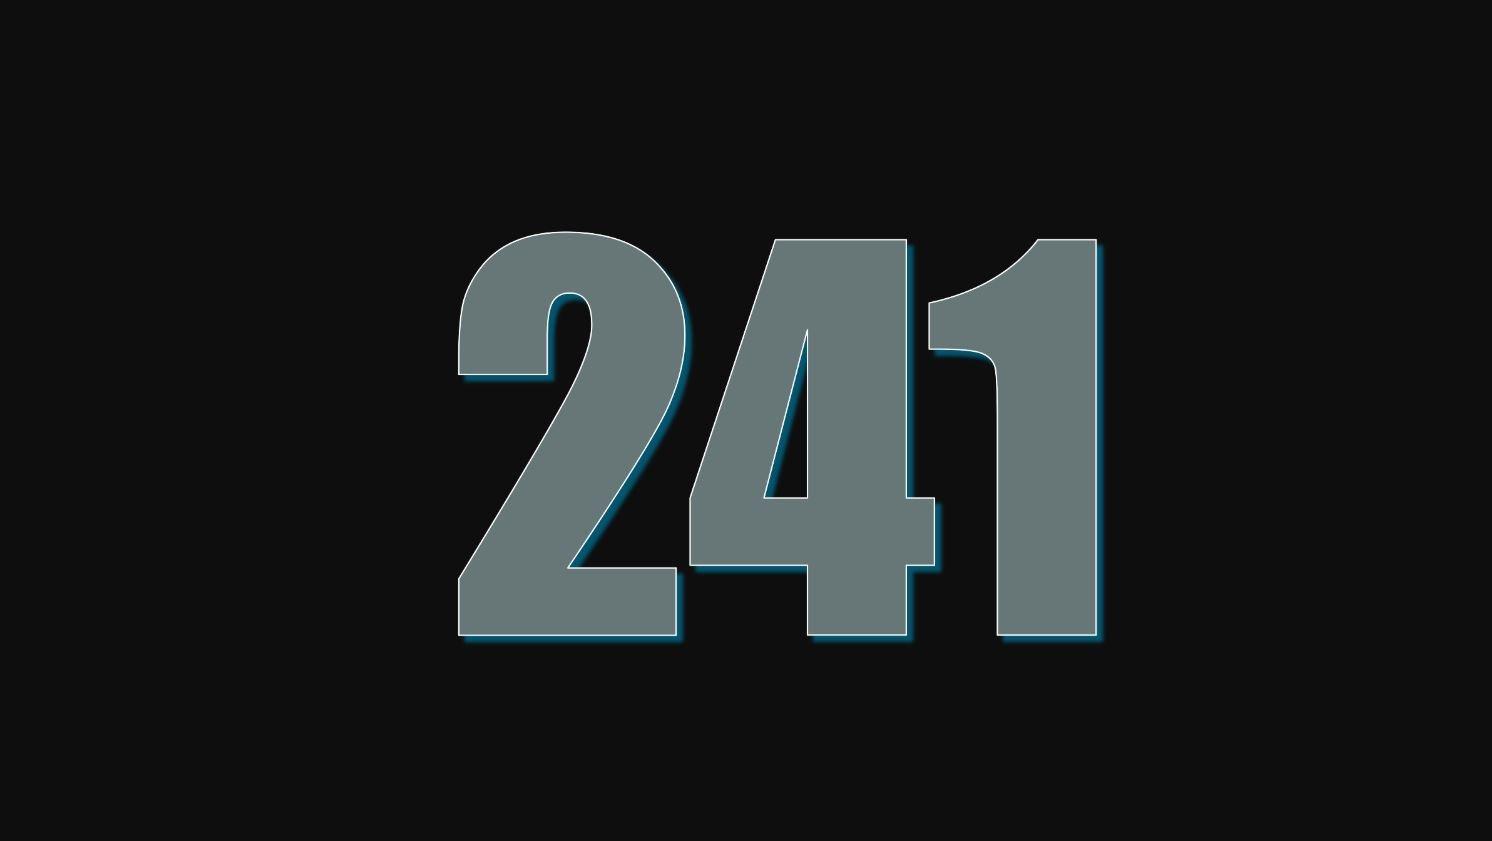 Significado do número 241